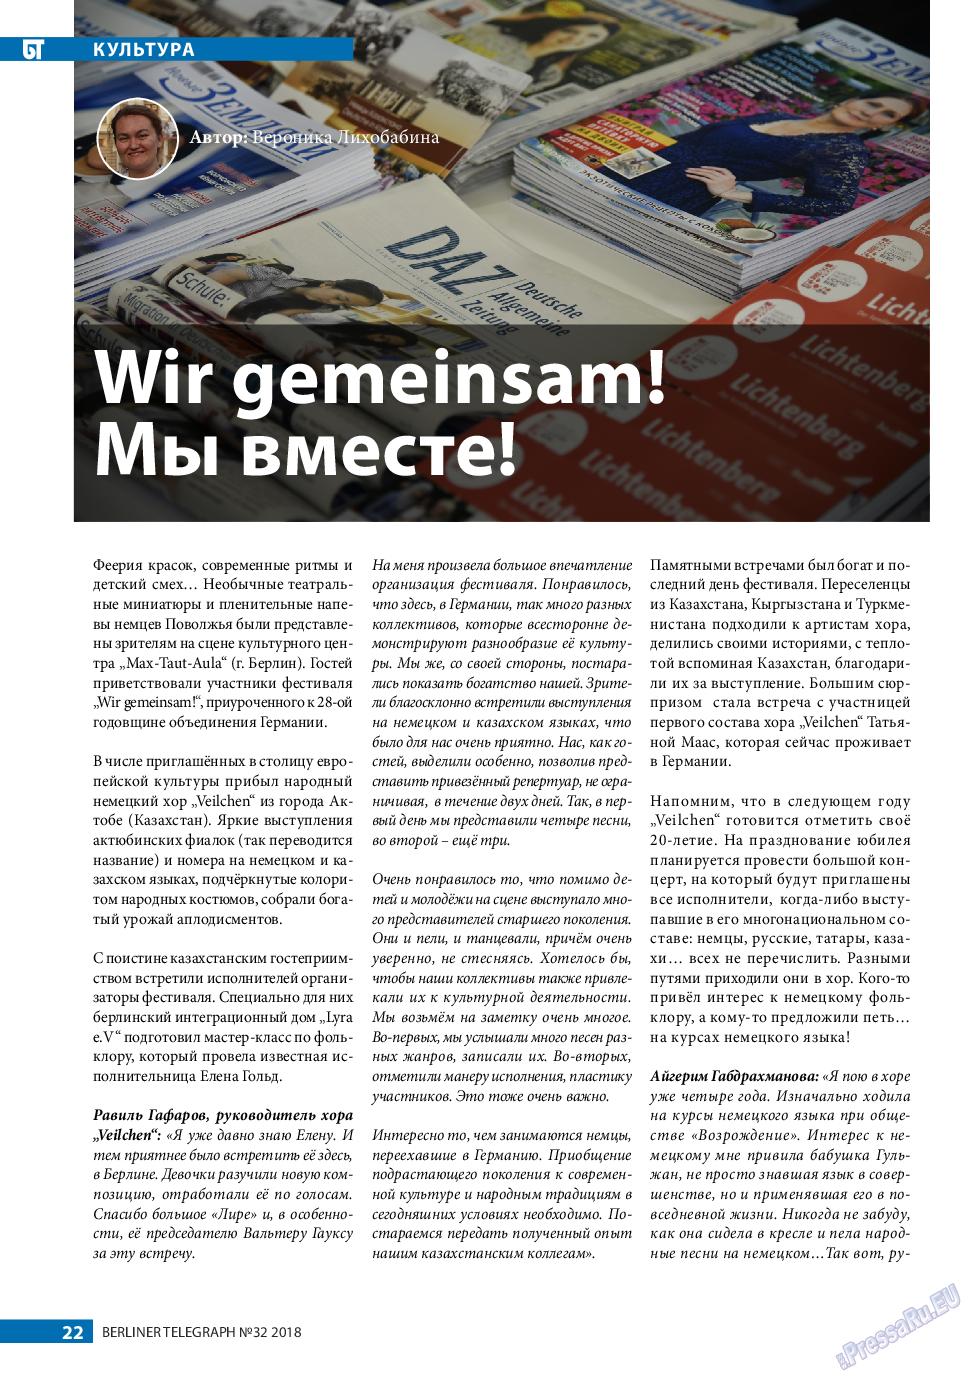 Берлинский телеграф (журнал). 2018 год, номер 32, стр. 22